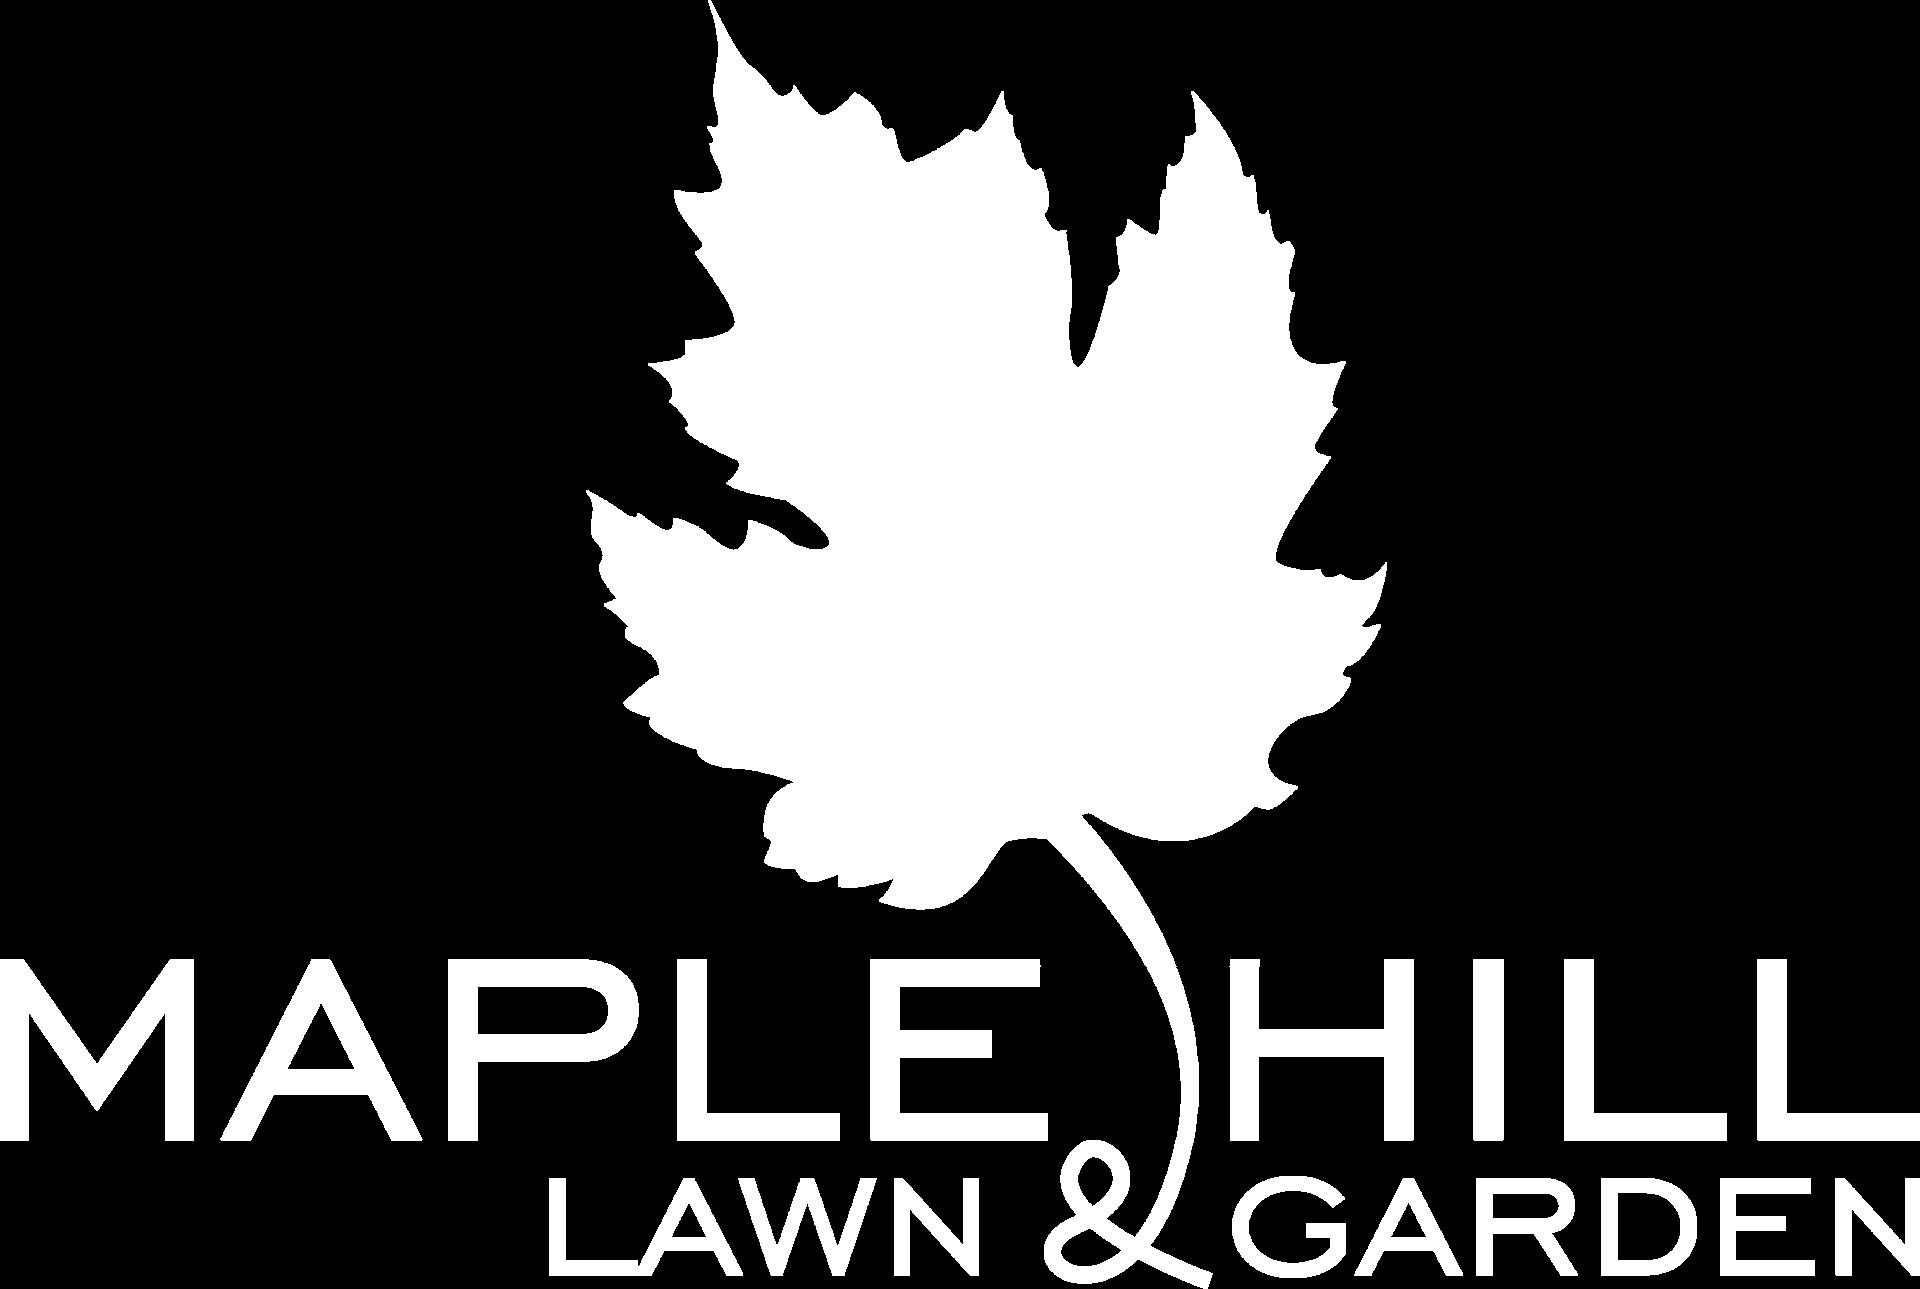 Maple Hill Lawn & Garden